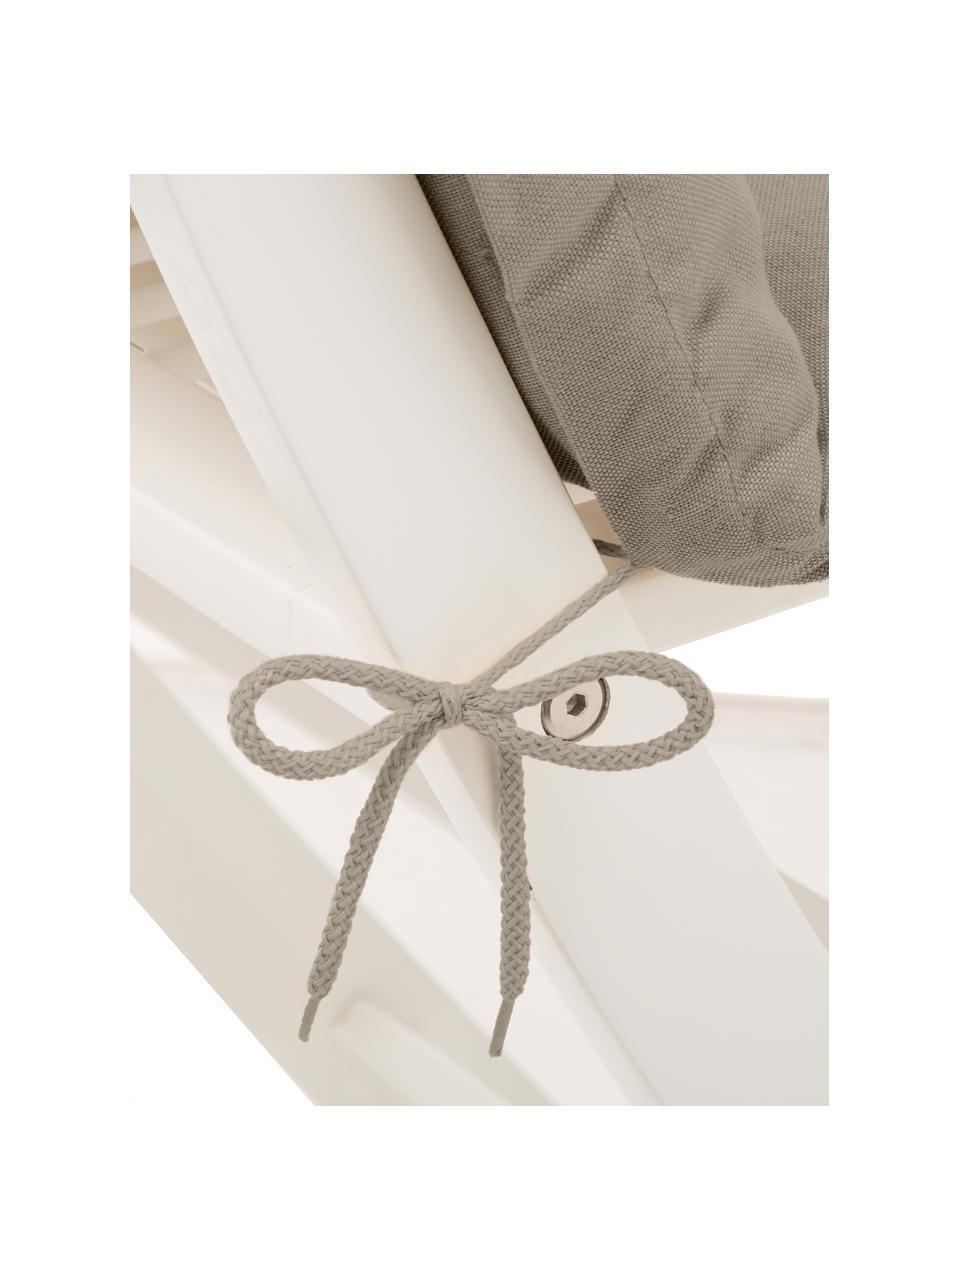 Poduszka na krzesło z oparciem Panama, Tapicerka: 50% bawełna, 50%polieste, Odcienie piaskowego, S 50 x D 123 cm